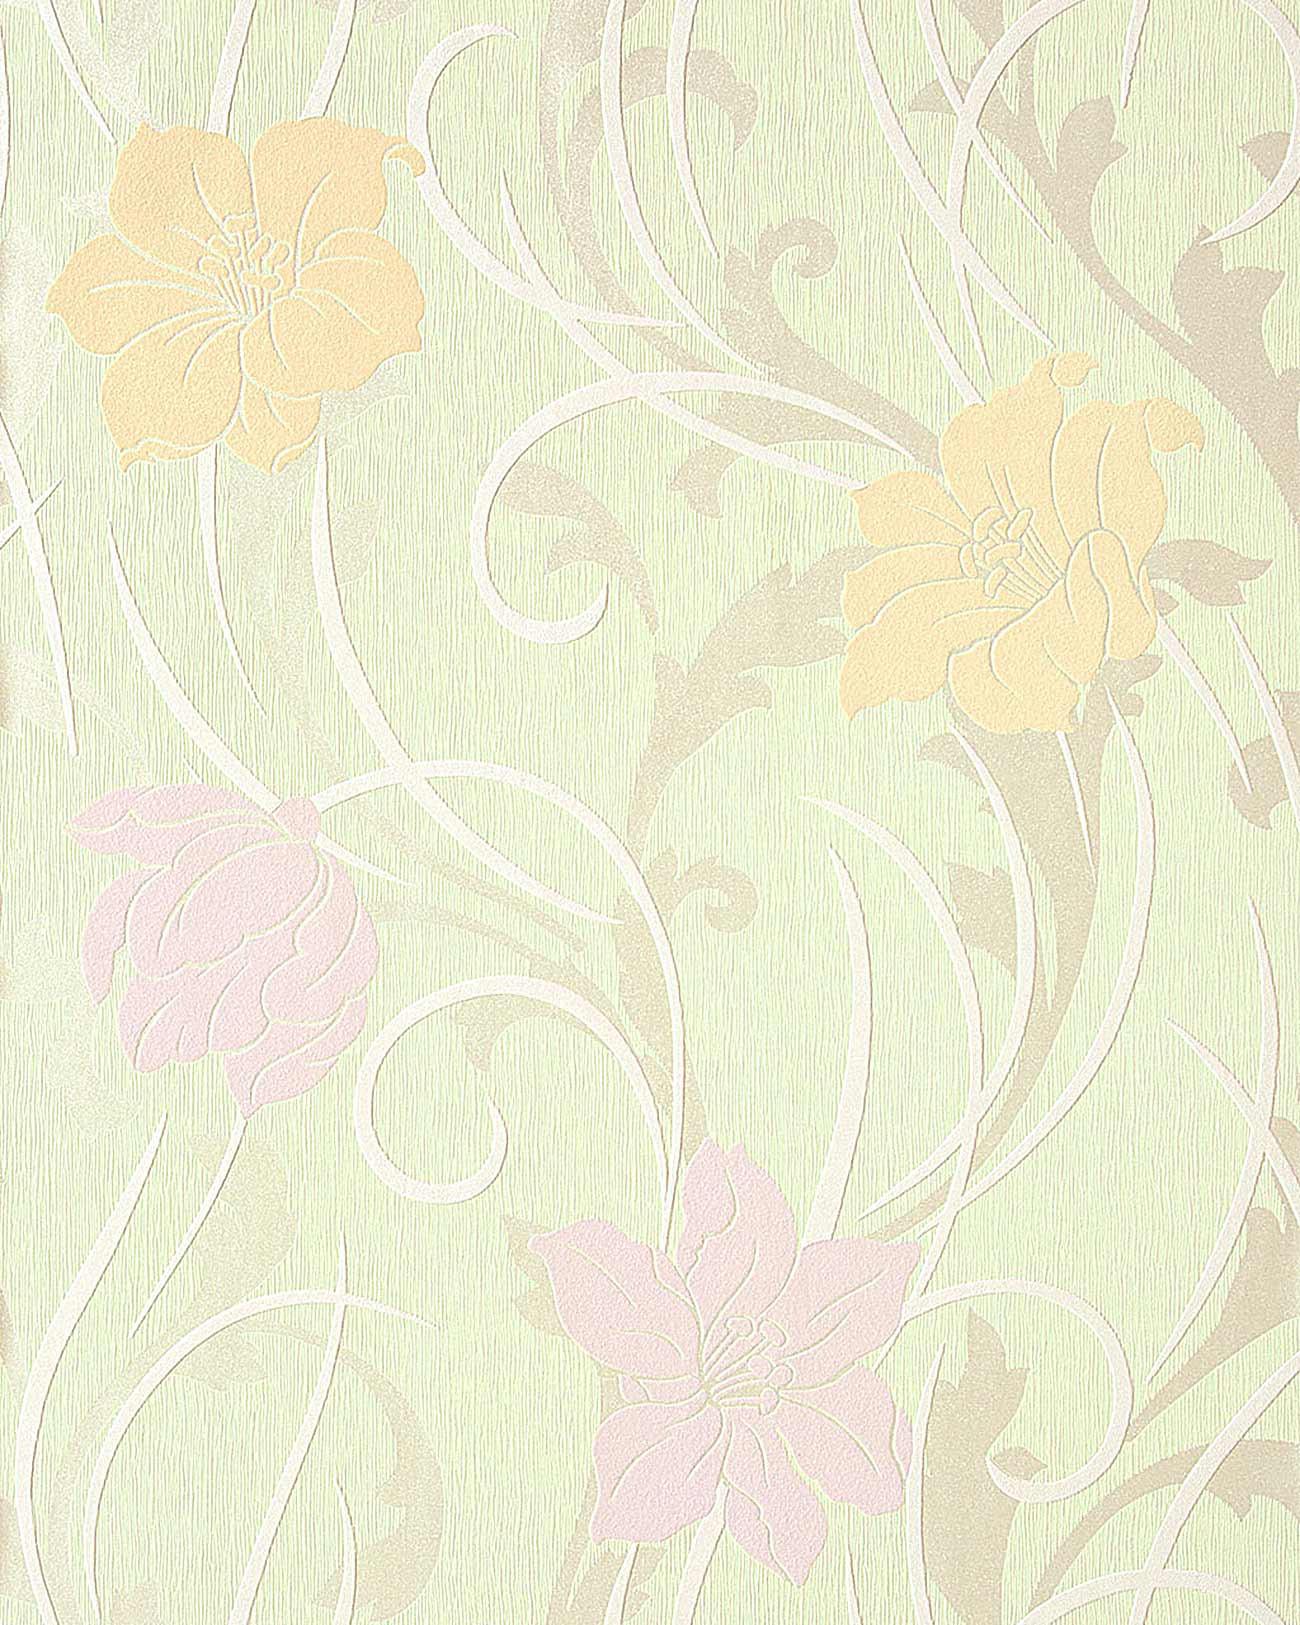 Blumen Tapete Landhaus EDEM 111 35 Stilvolle Floral Blumentapete  Vinyltapete Hell Grün Safran Gelb Hell Violett Weiß